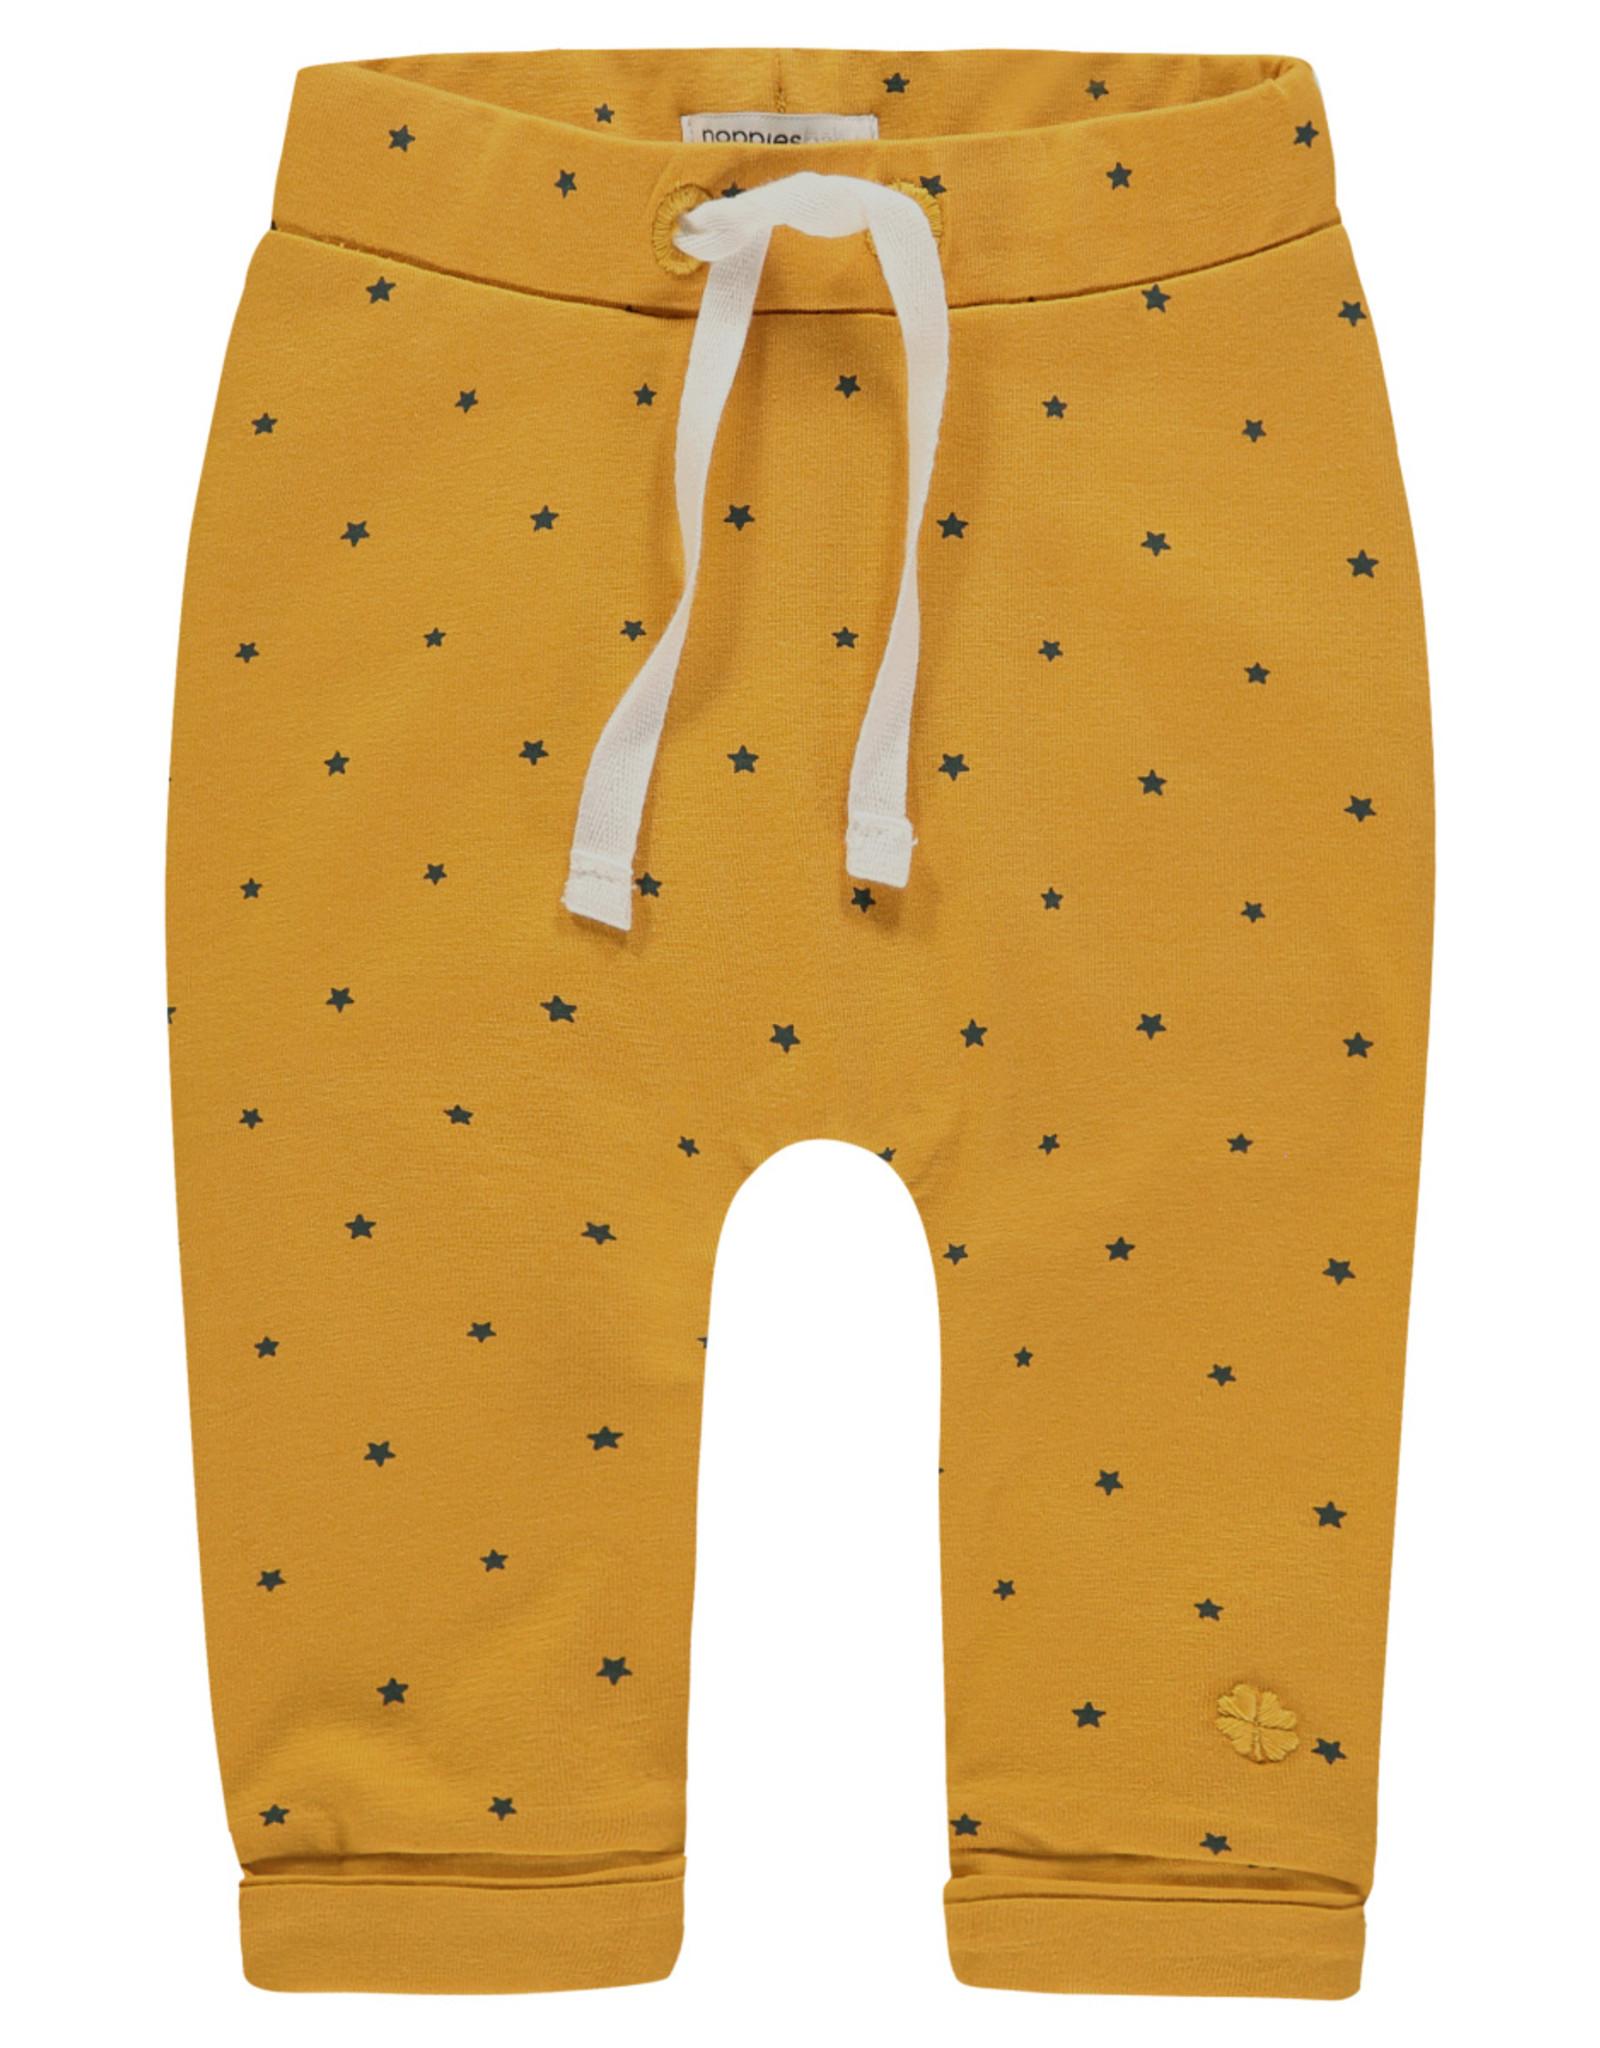 Noppies U Pants jrsy comfort Kris